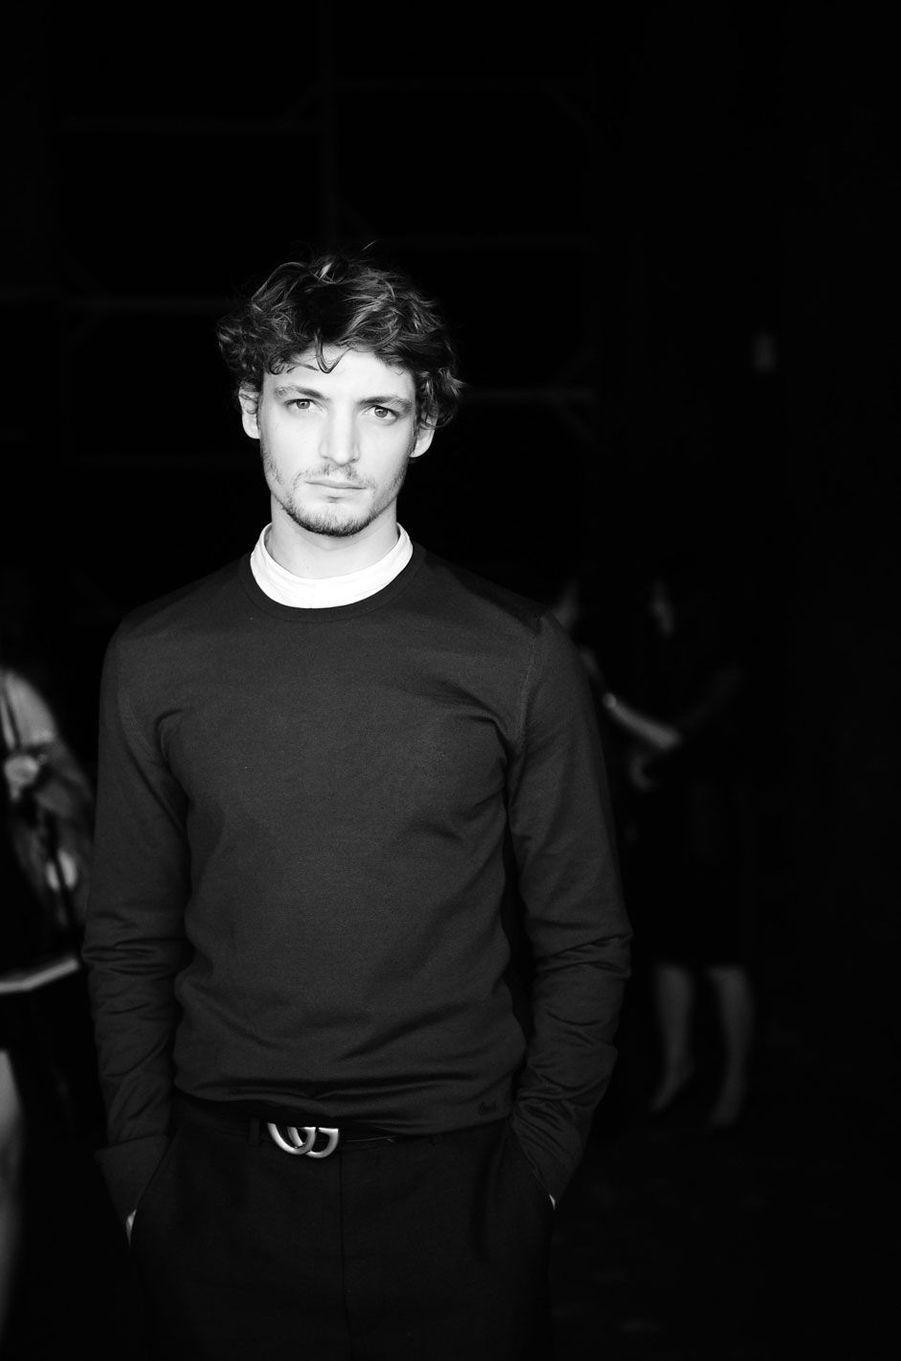 Niels Schneider au défilé de mode masculine Gucci à Milan, le 22 juin 2015.